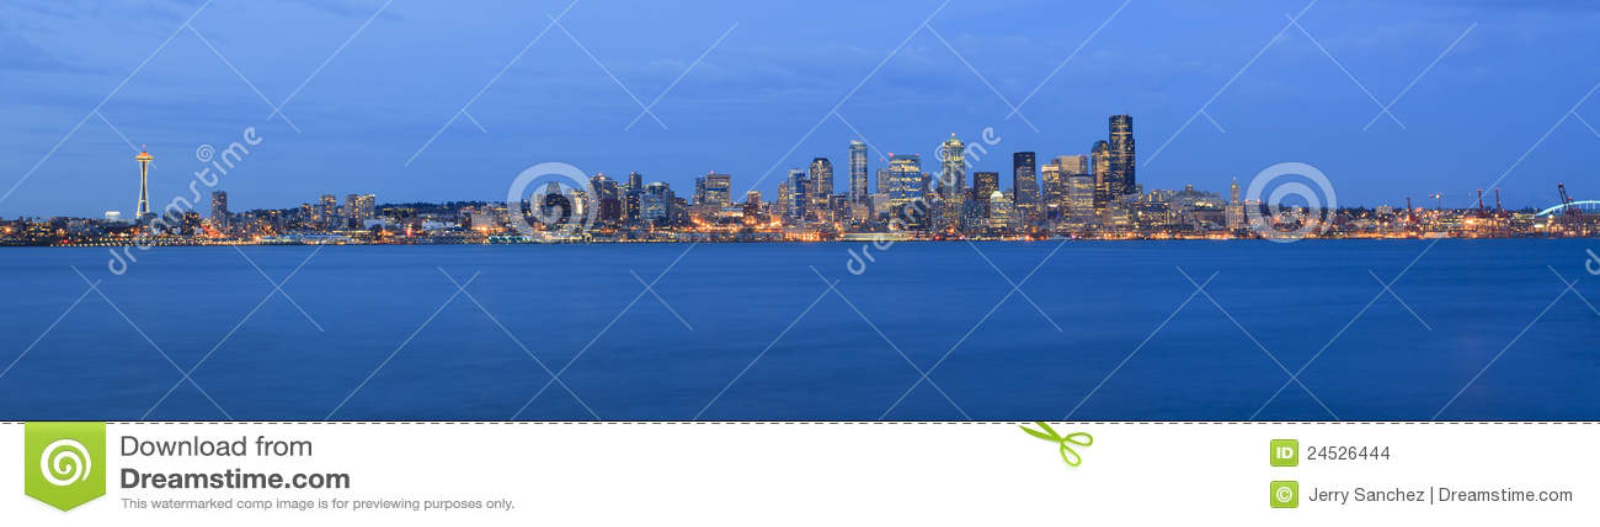 Miasta noc Seattle czas